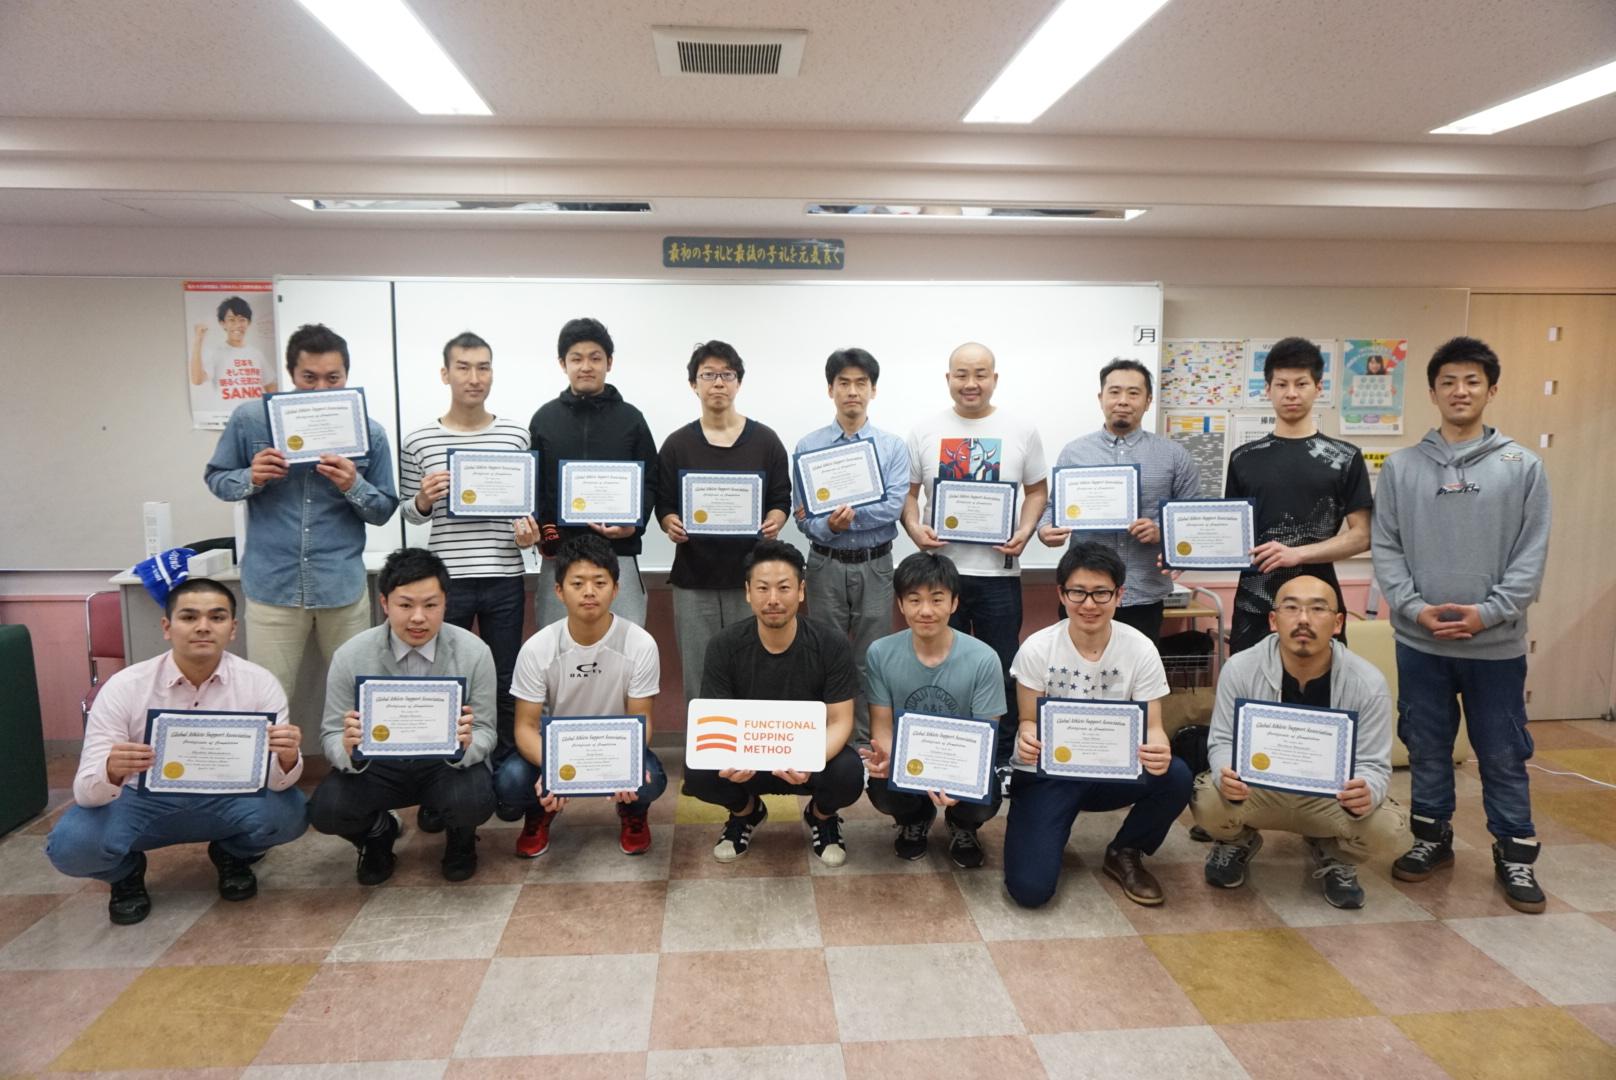 【北海道】9月22日(土)FCMベーシックセミナー セミナー画像グローバルアスリートサポート協会 [GASA]